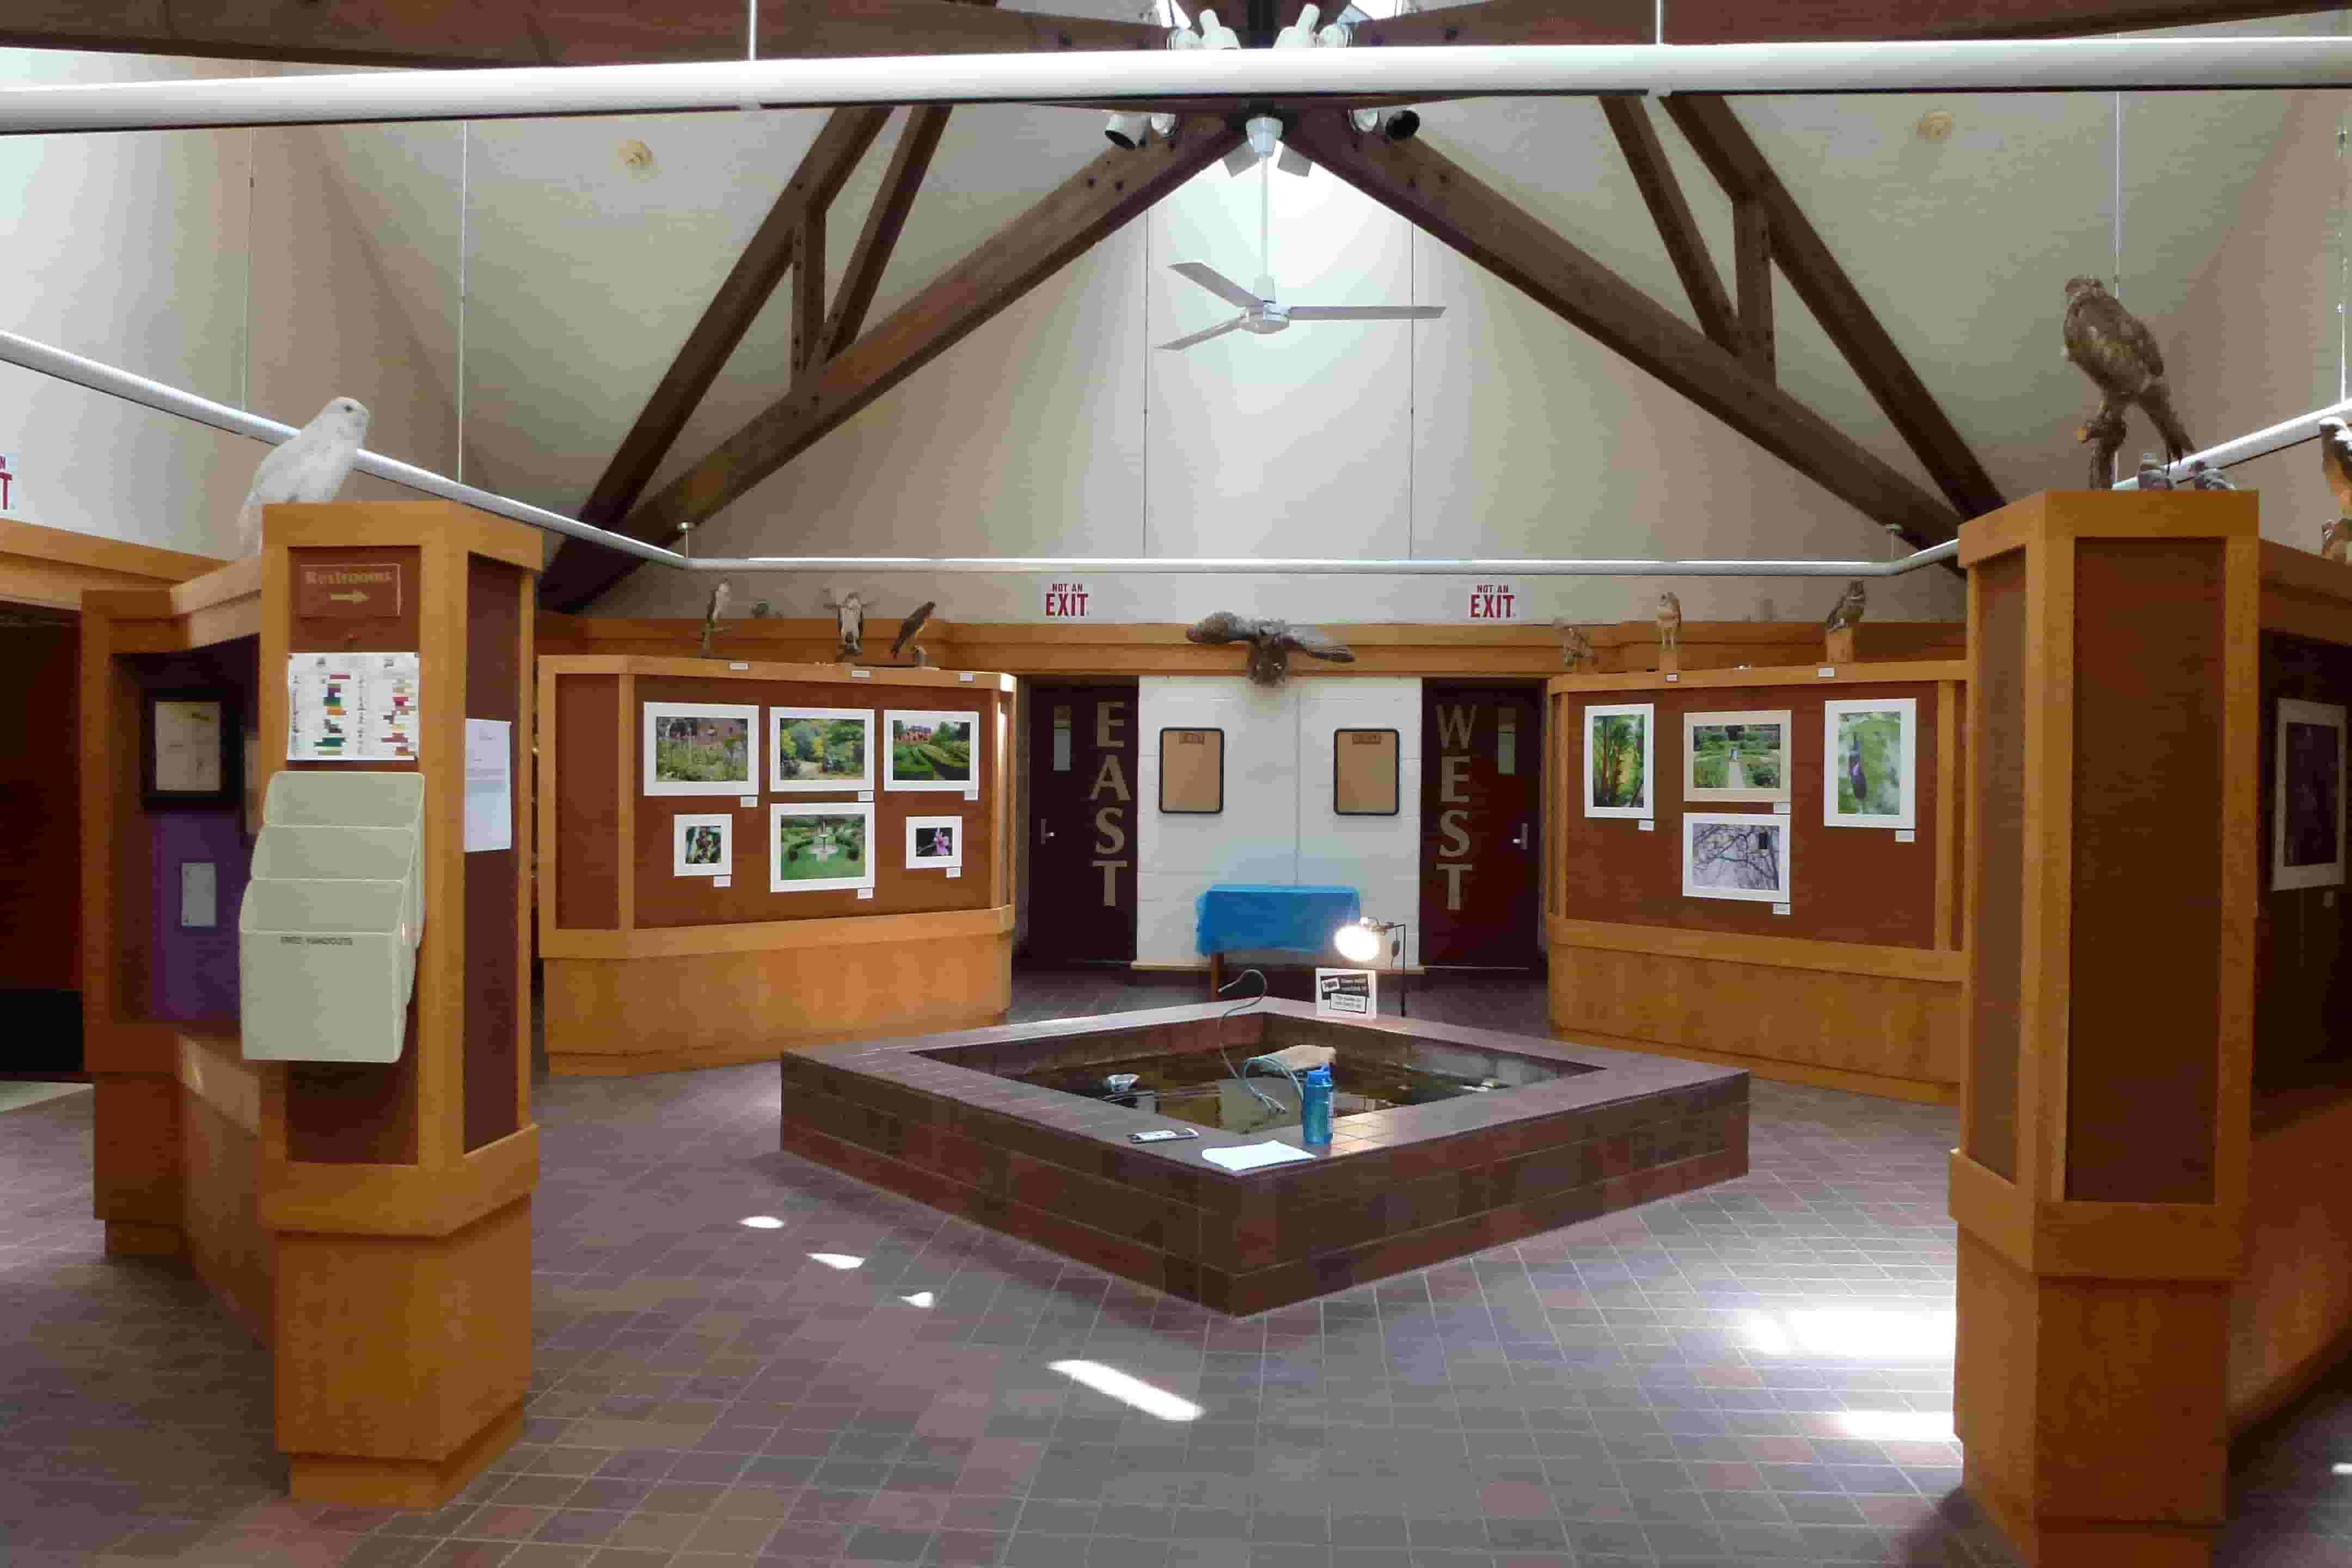 Environmental interior design